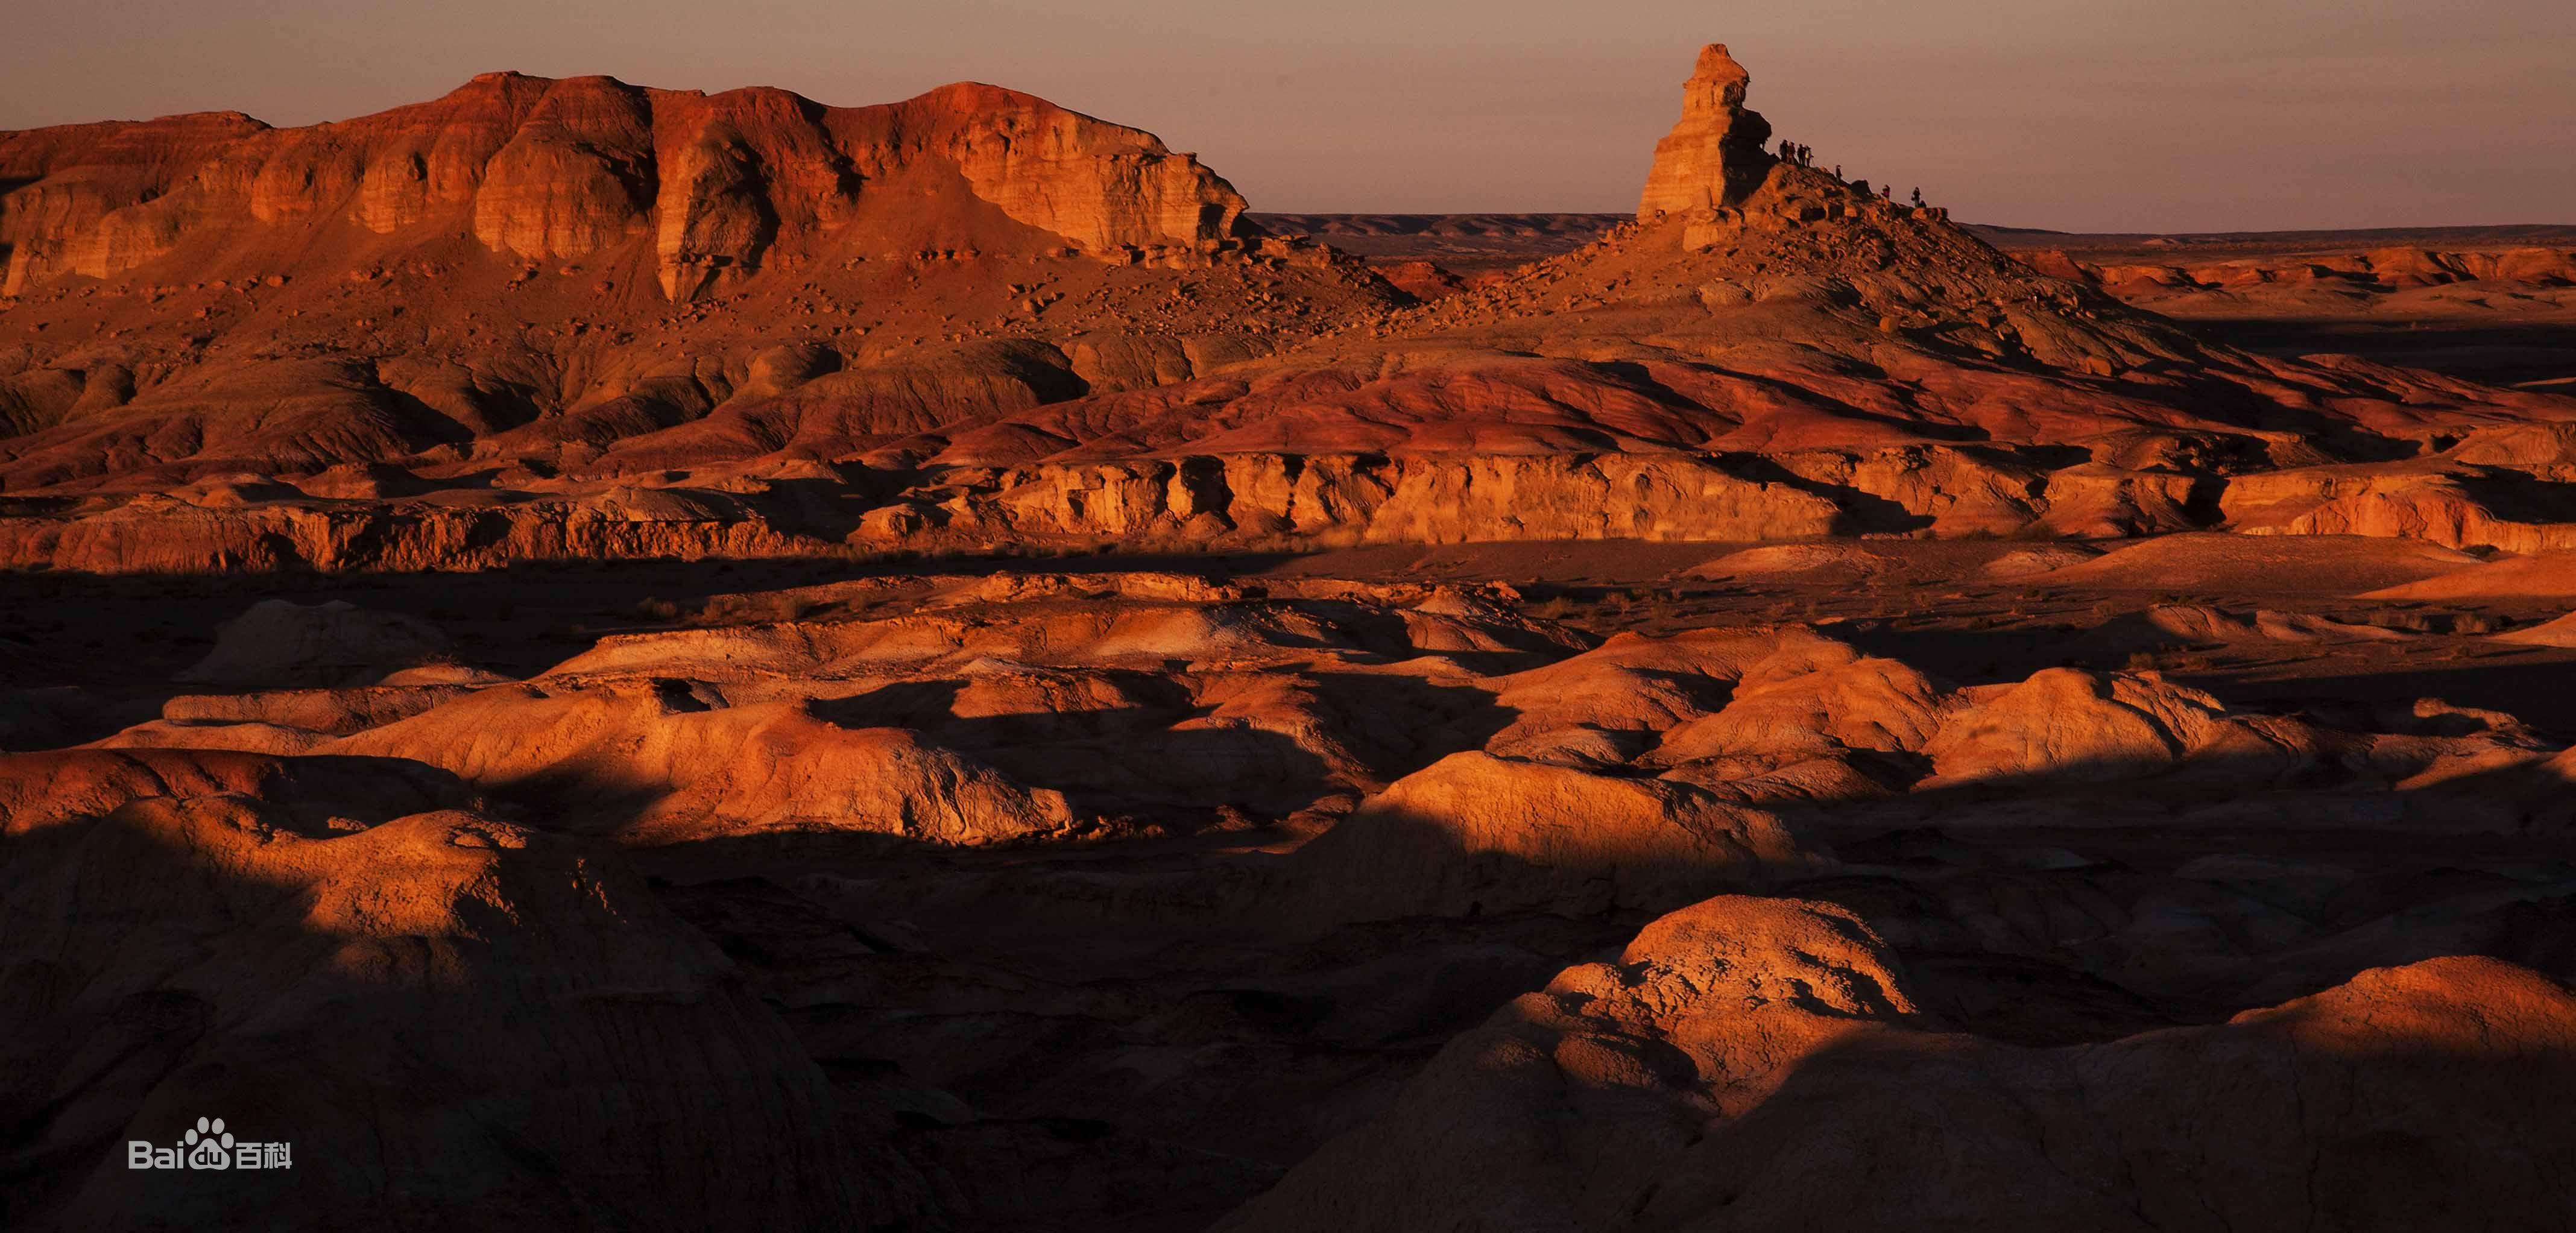 【新疆旅游景点】魔鬼城 - 旅游景点 - 克拉玛依陕西